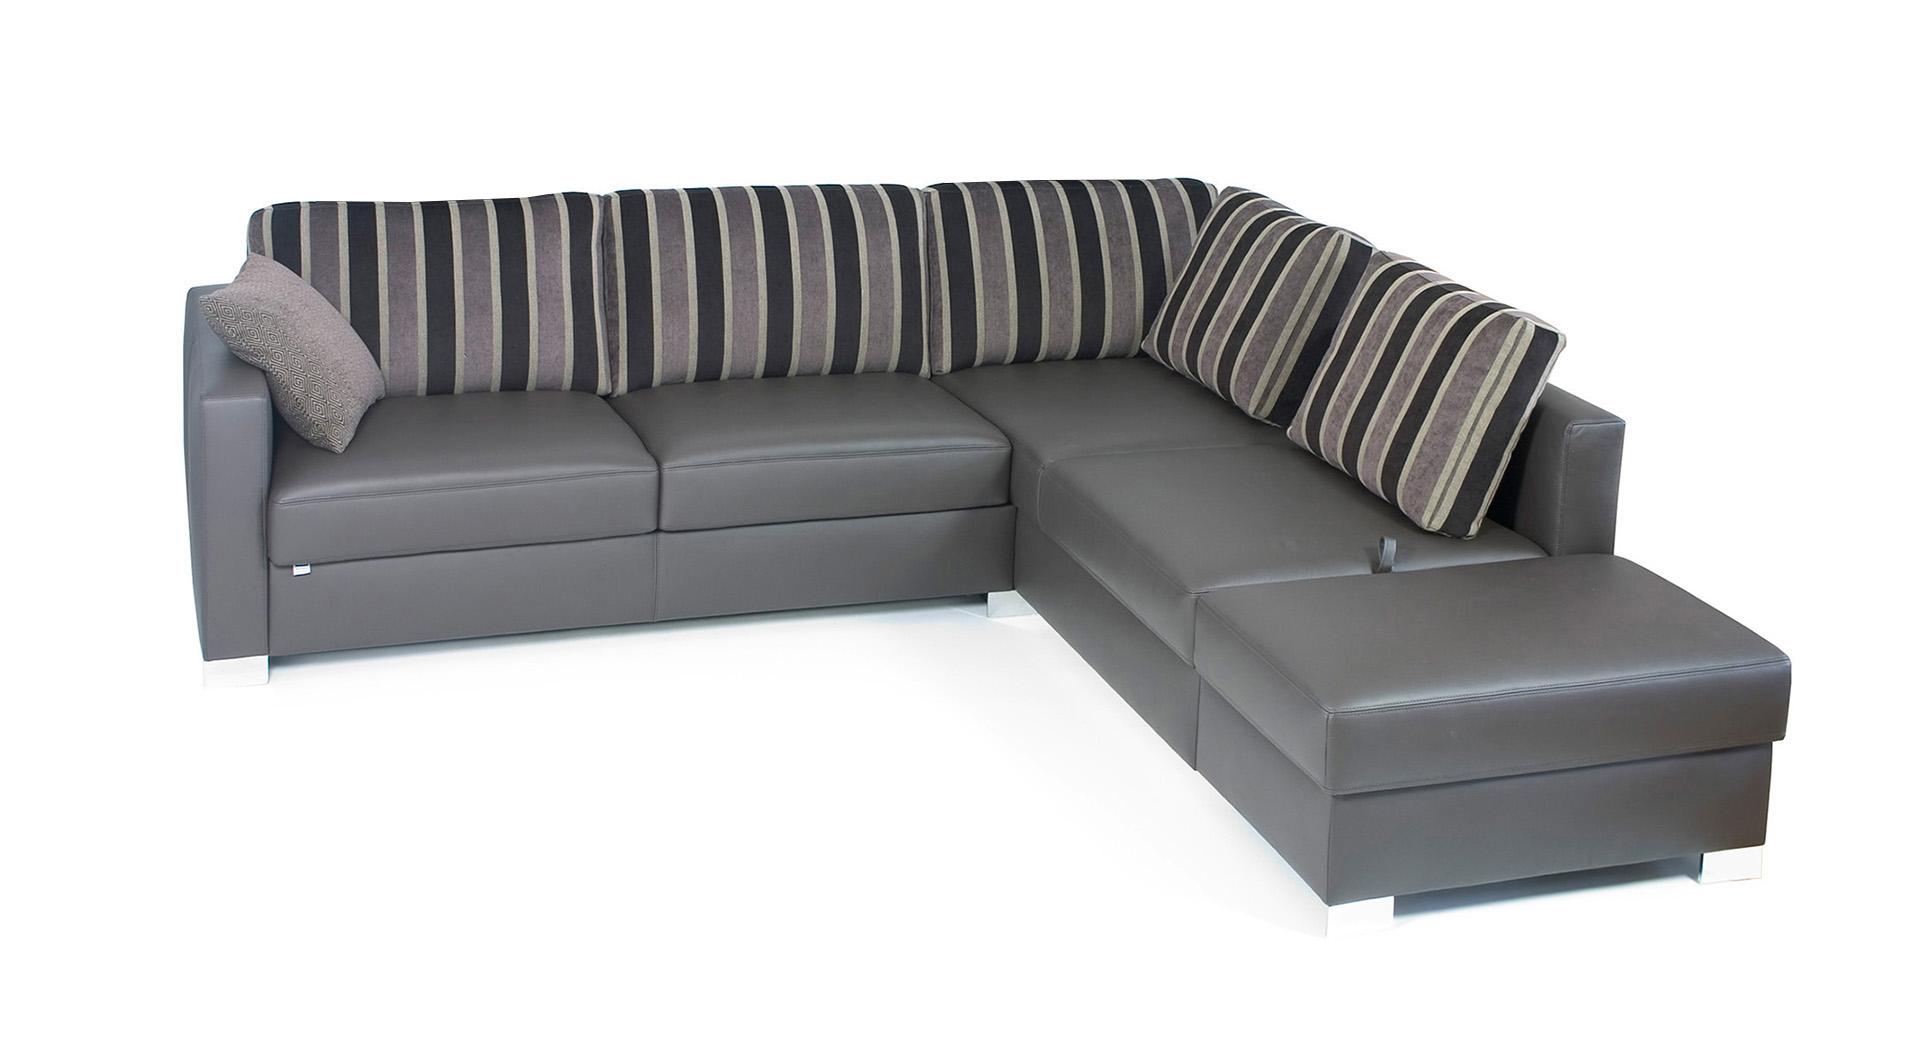 polsterm bel alea direkt beim hersteller kaufen. Black Bedroom Furniture Sets. Home Design Ideas